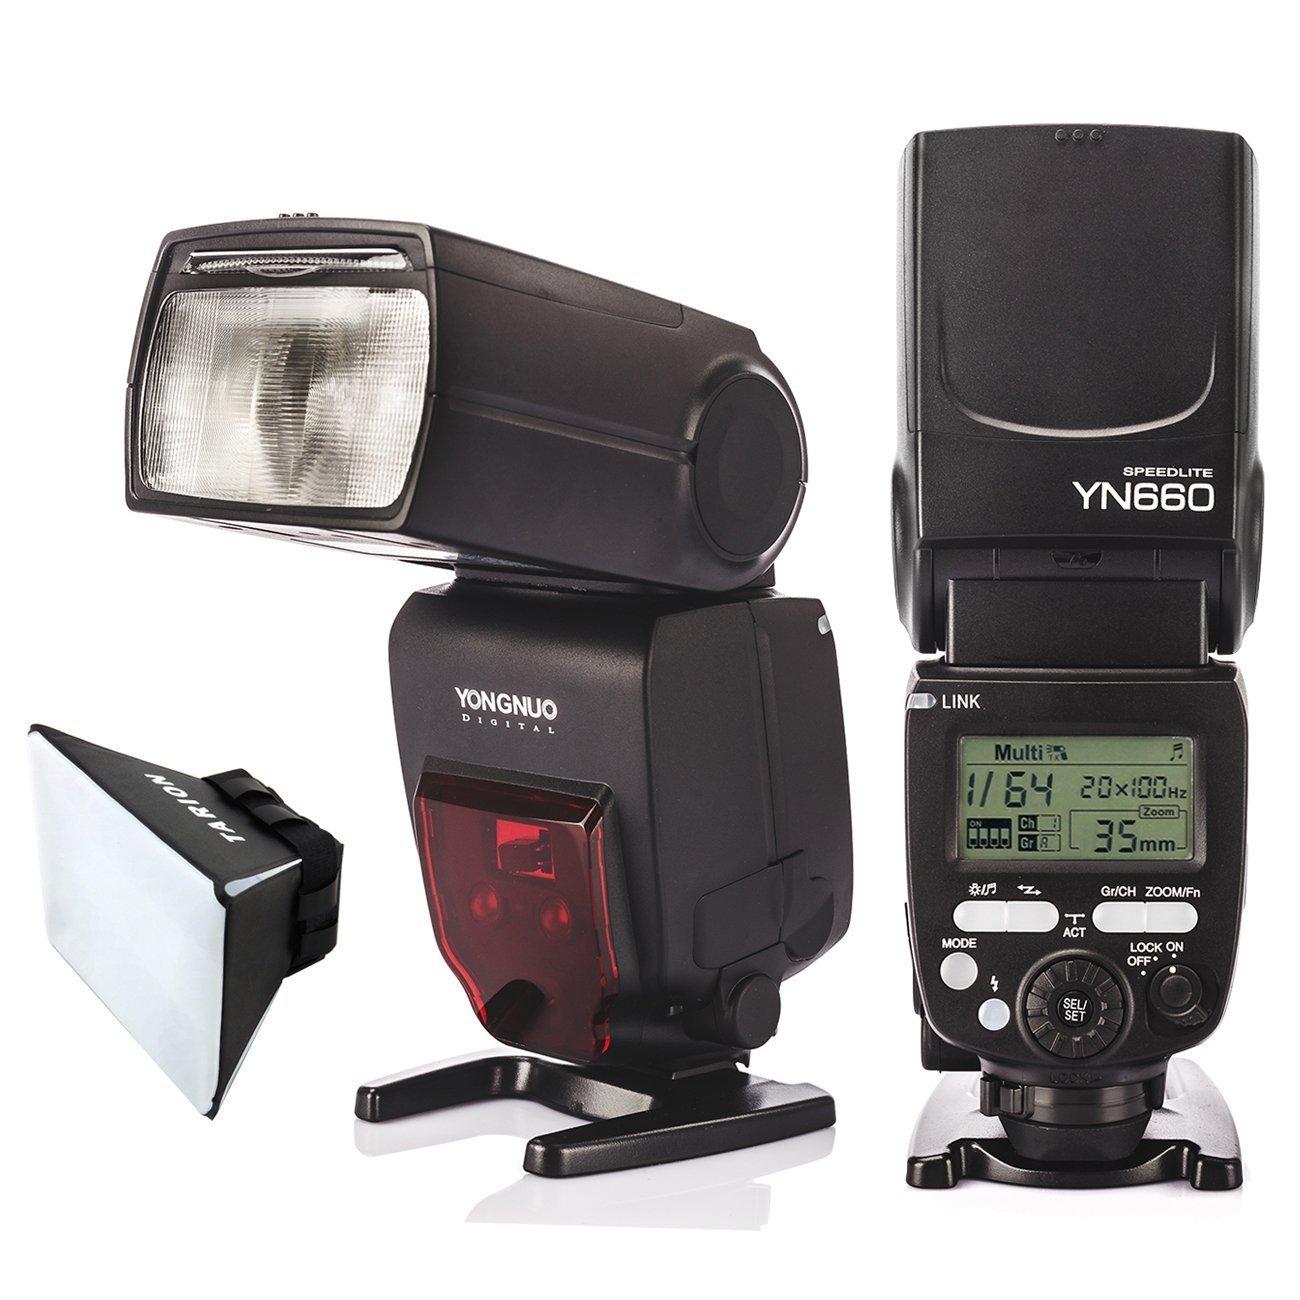 Yongnuo YN660 GN66 Flash Speedlight Flashlight 2.4GHz for Nikon Canon Camera Support YN660 YN560 IV YN560-TX RF605 RF603(II) RF602 Wireless Transmitter with TARION Flash Diffuser